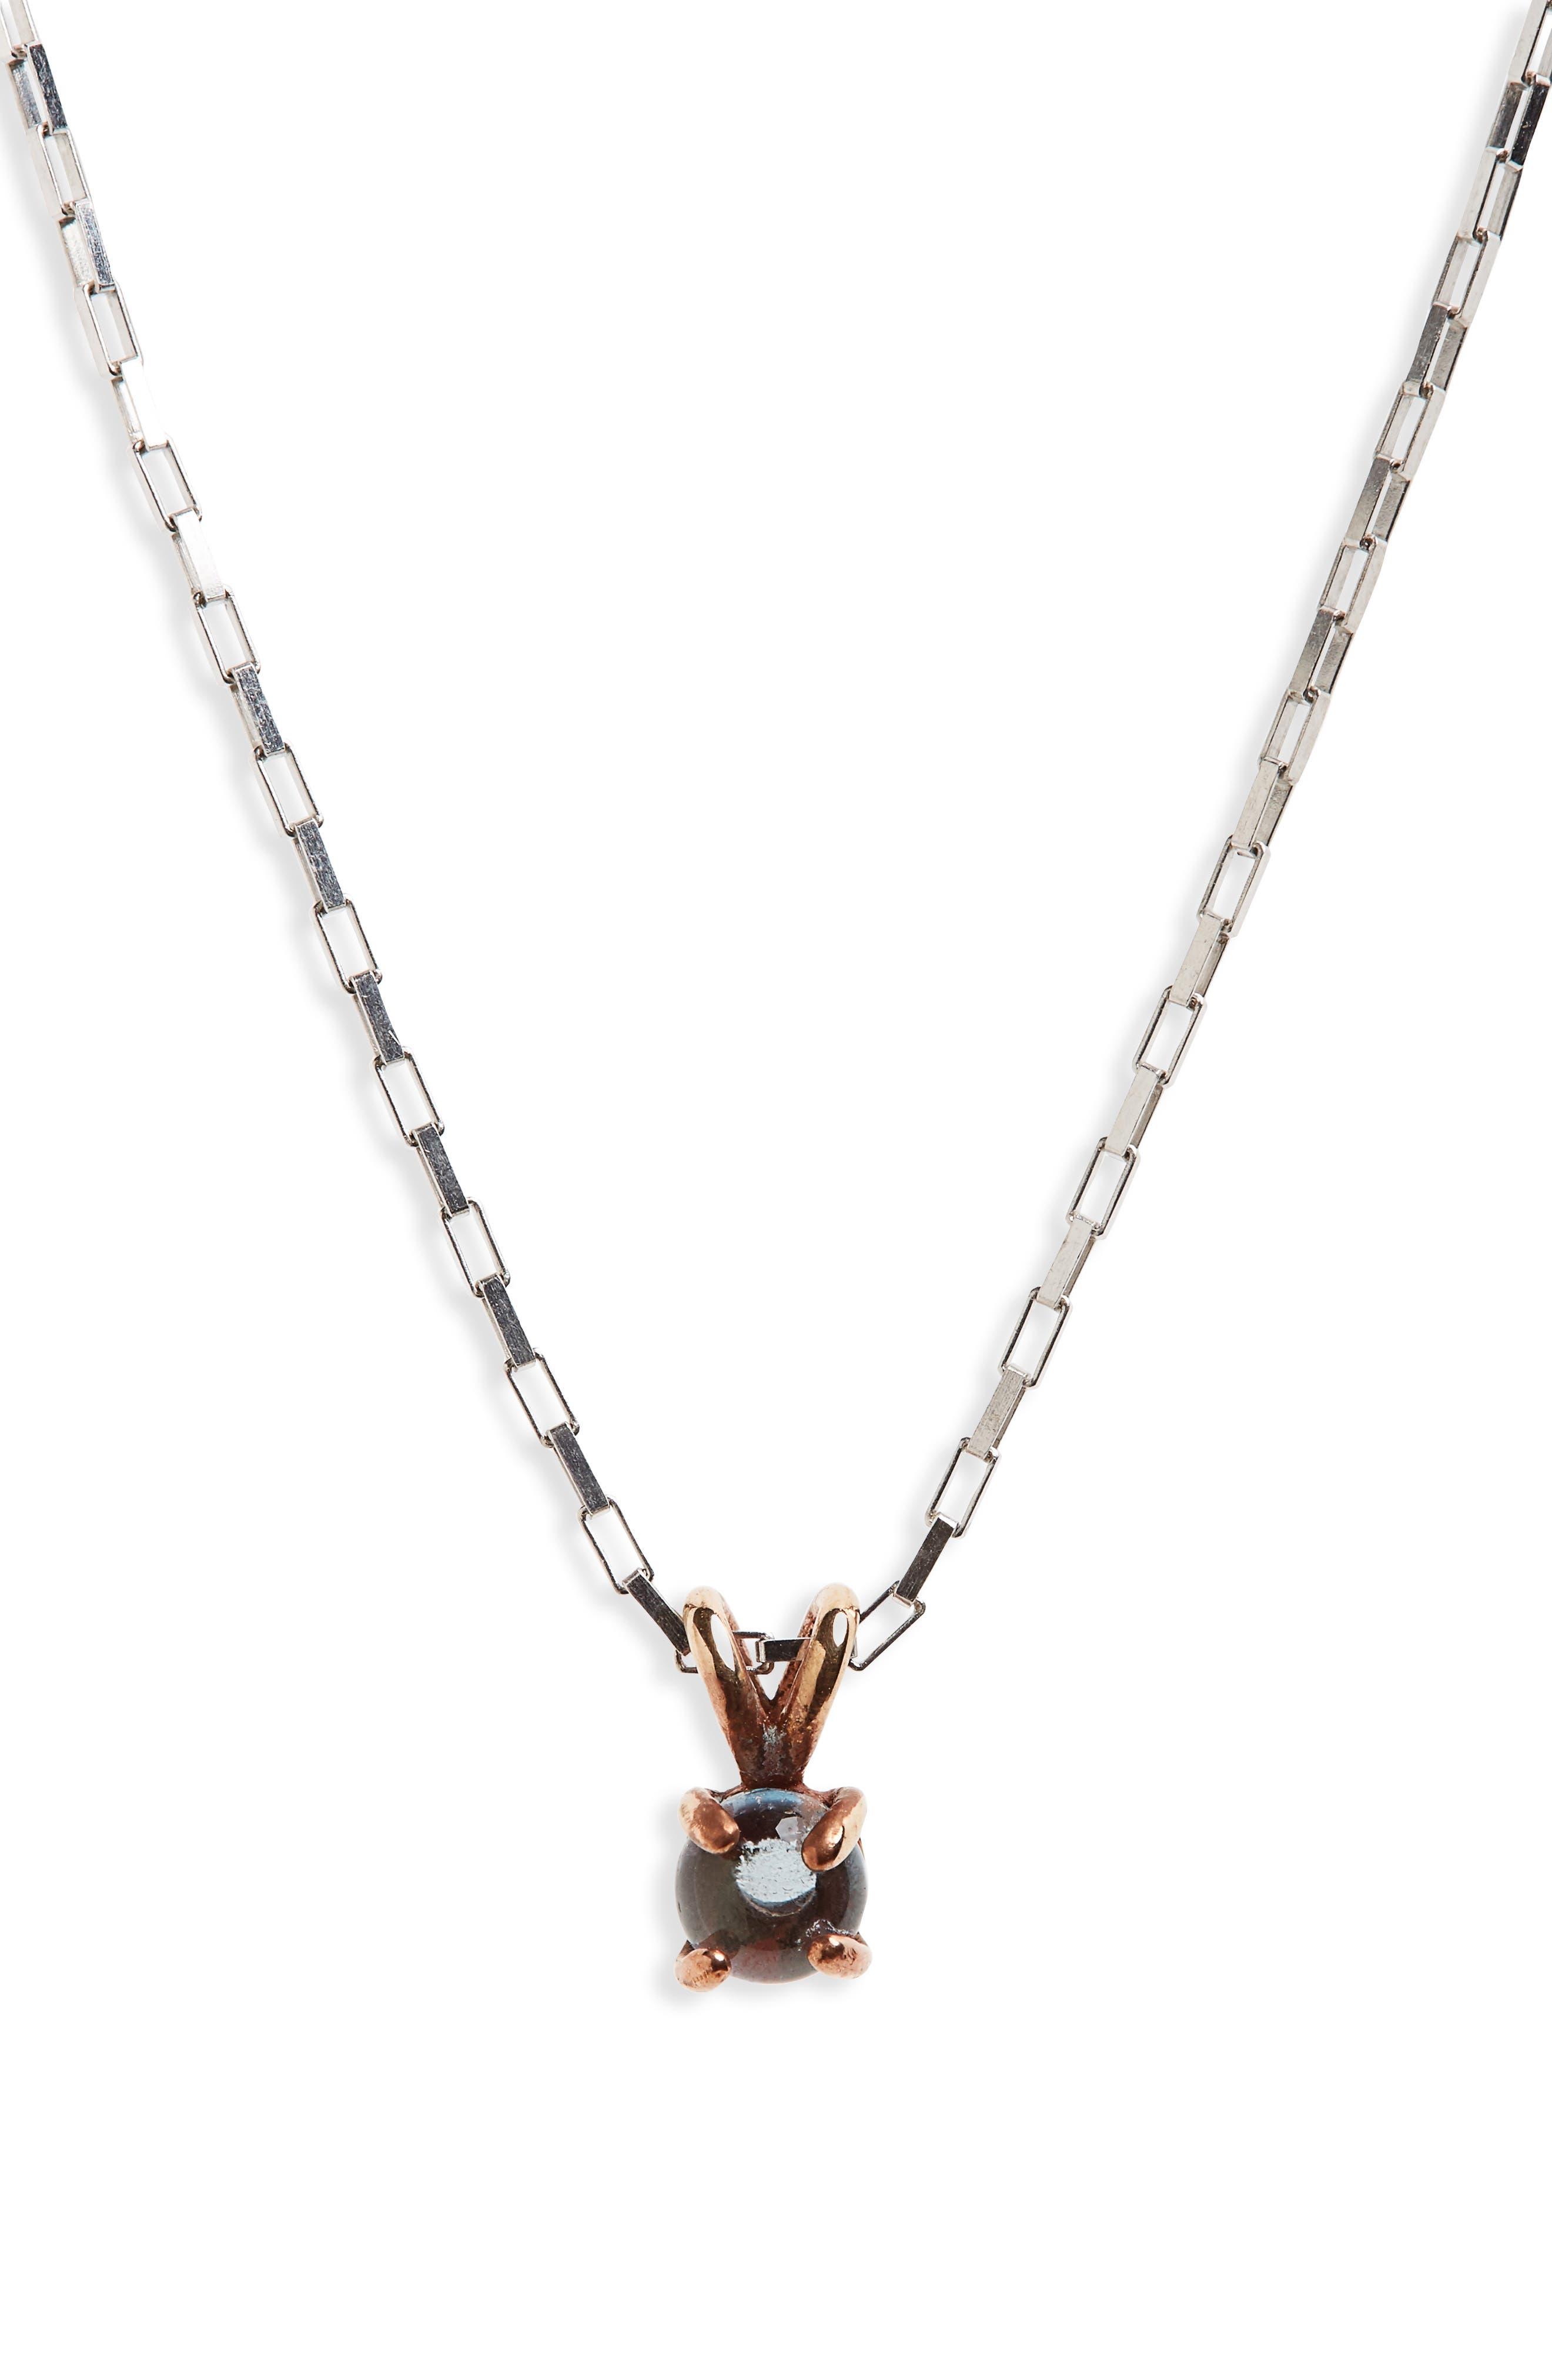 Blue Topaz Pendant Necklace,                         Main,                         color, London Blue Topaz